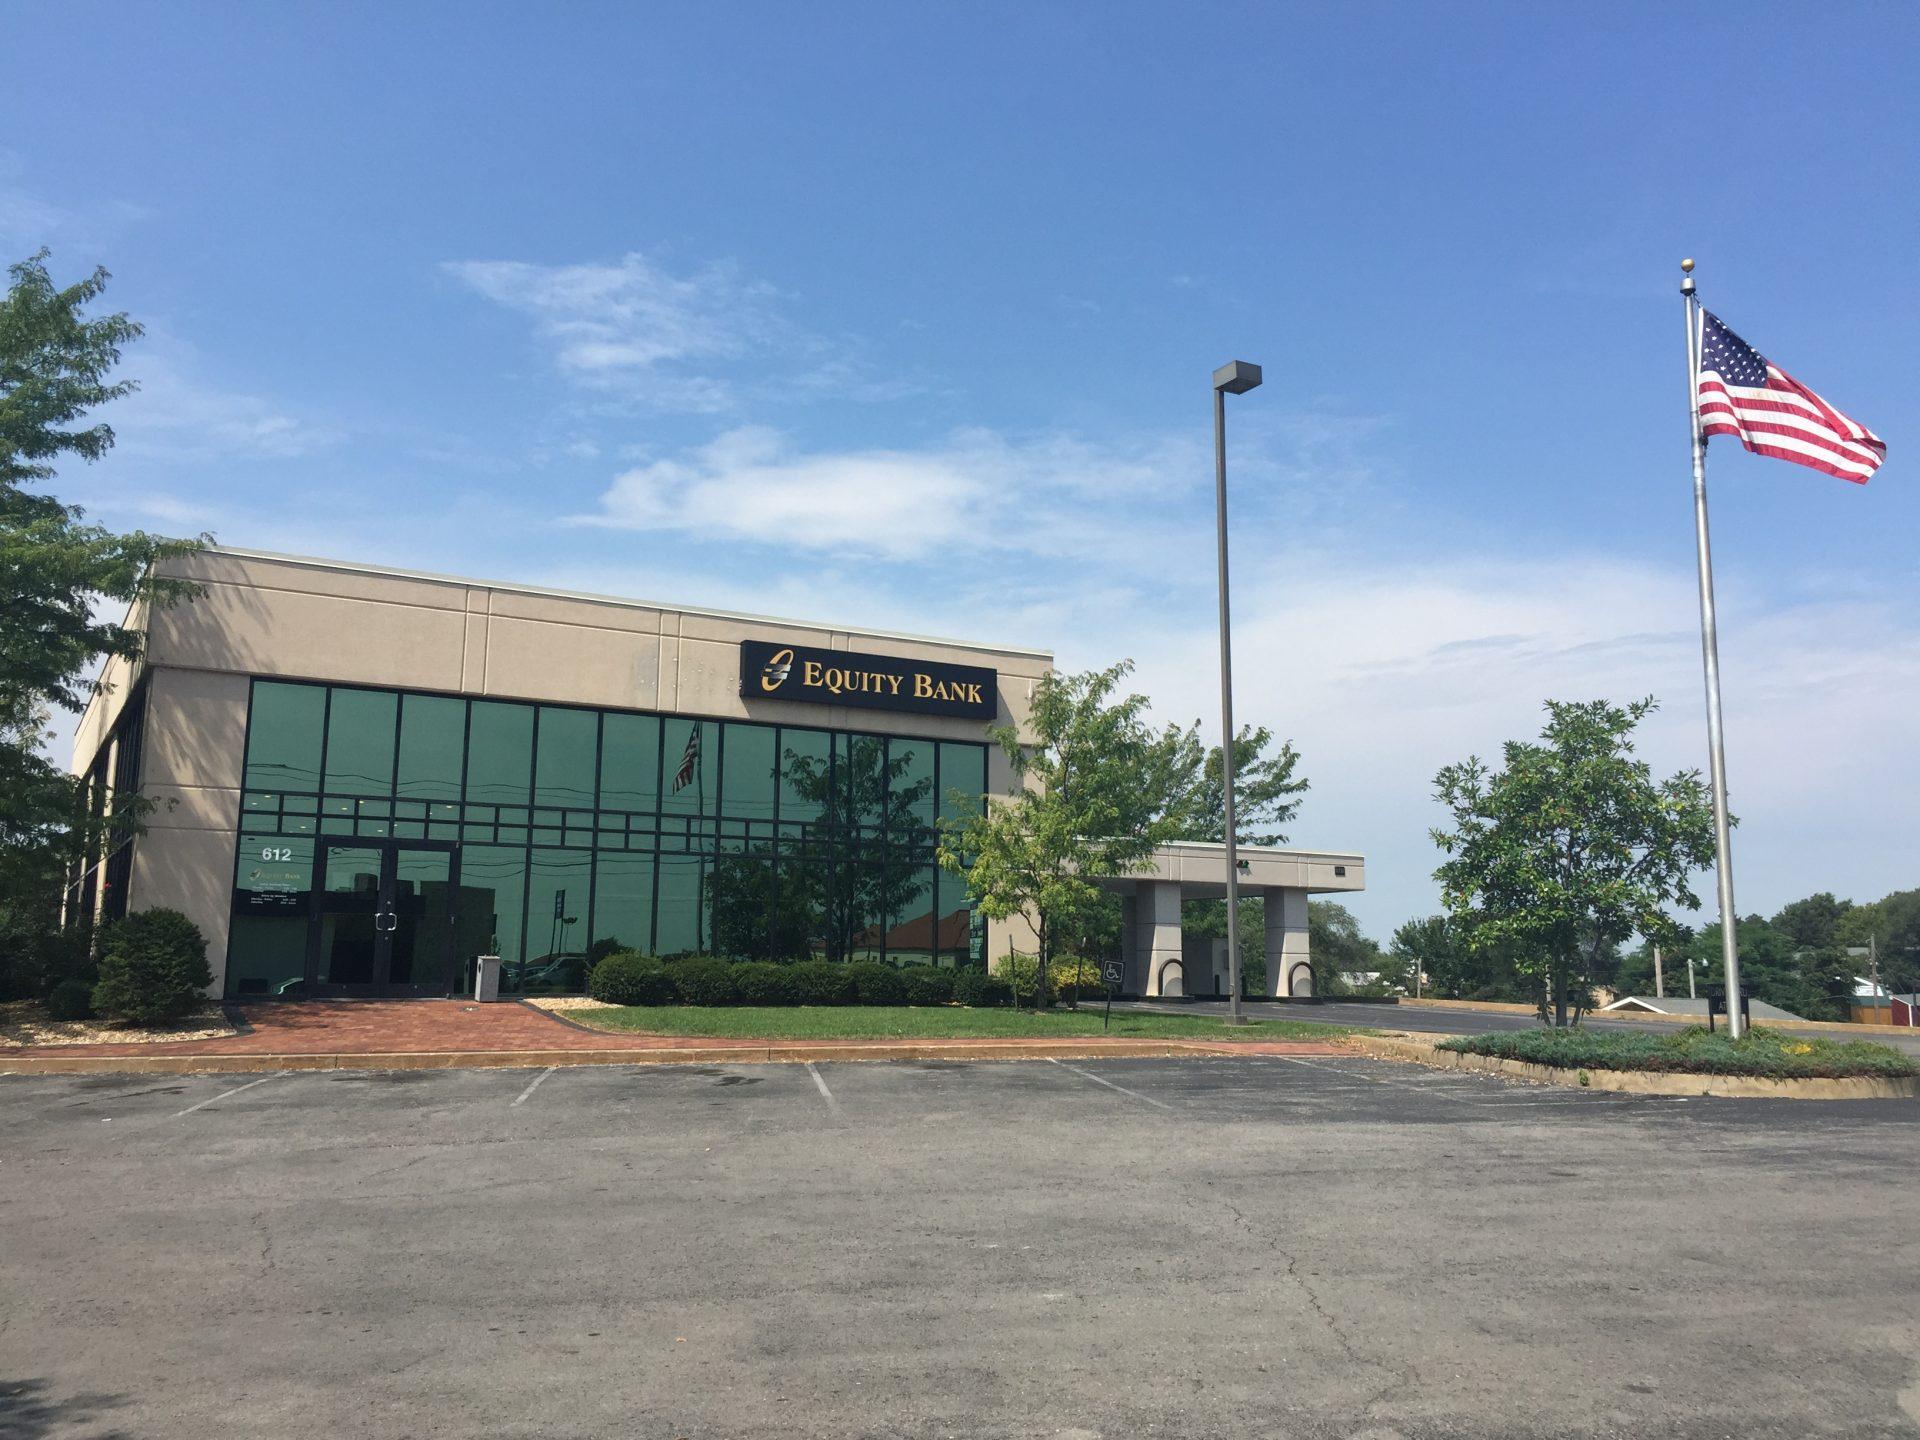 Equity Bank Warrensburg branch exterior.